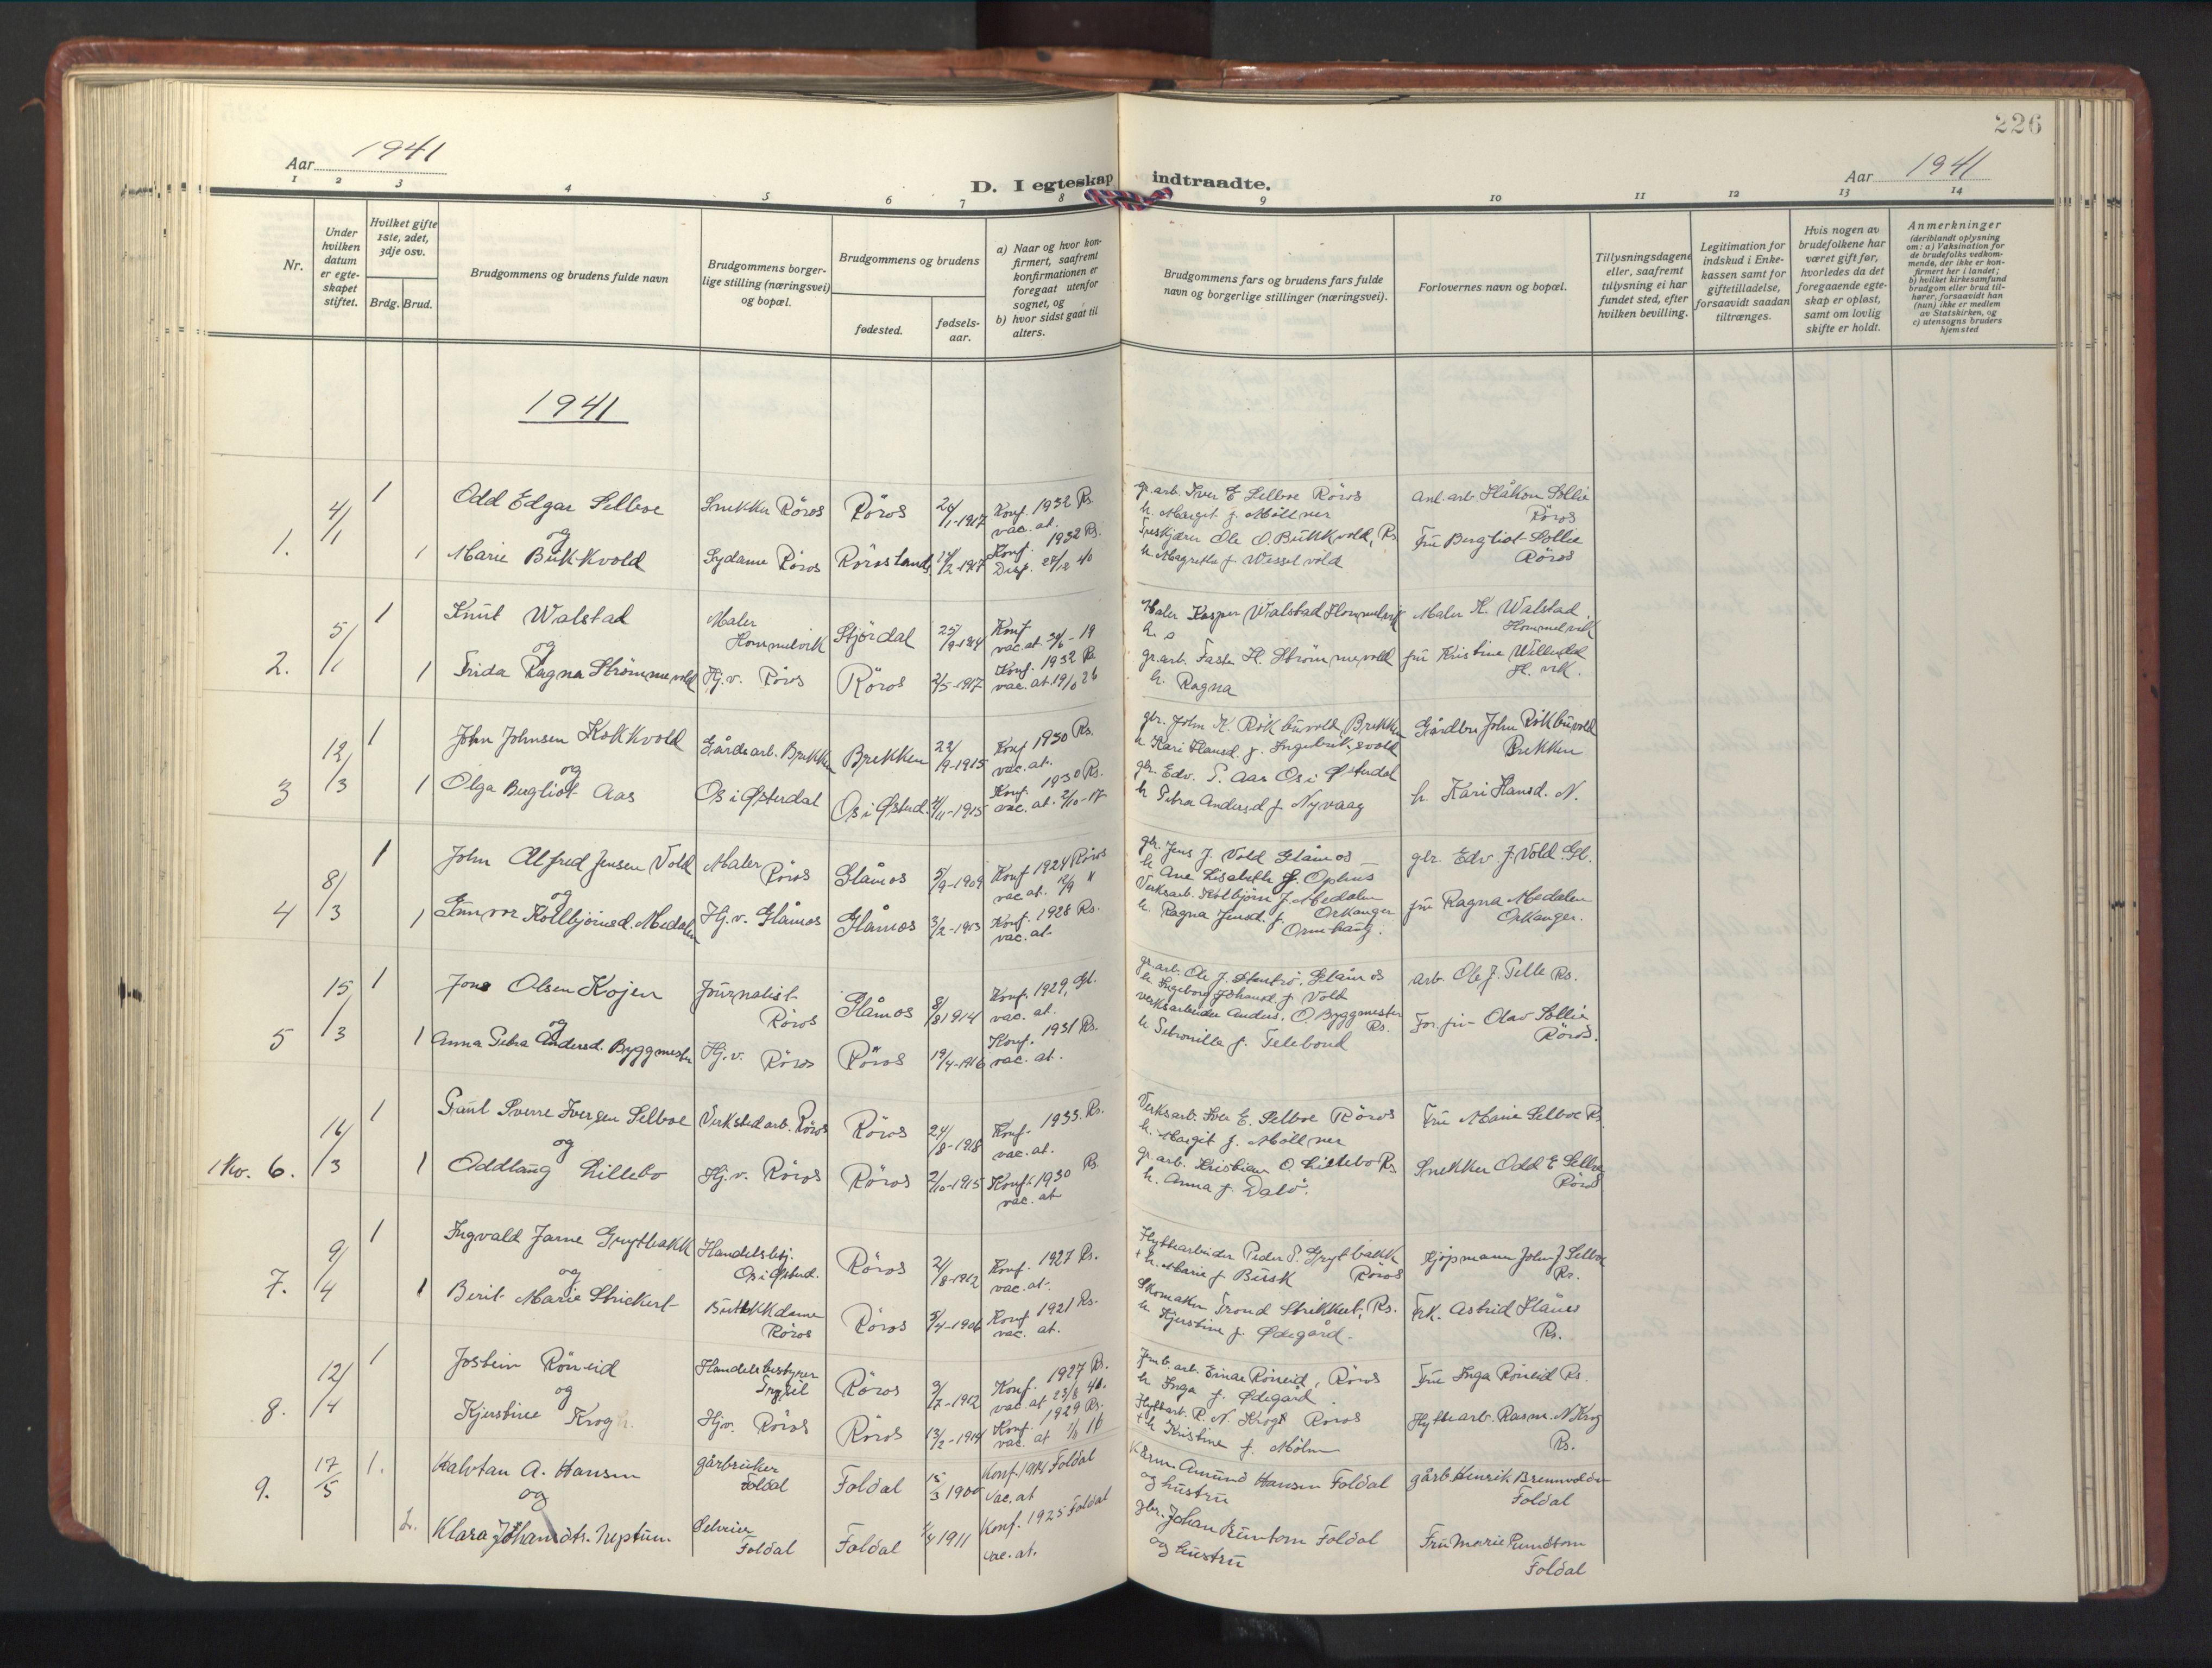 SAT, Ministerialprotokoller, klokkerbøker og fødselsregistre - Sør-Trøndelag, 681/L0943: Klokkerbok nr. 681C07, 1926-1954, s. 226